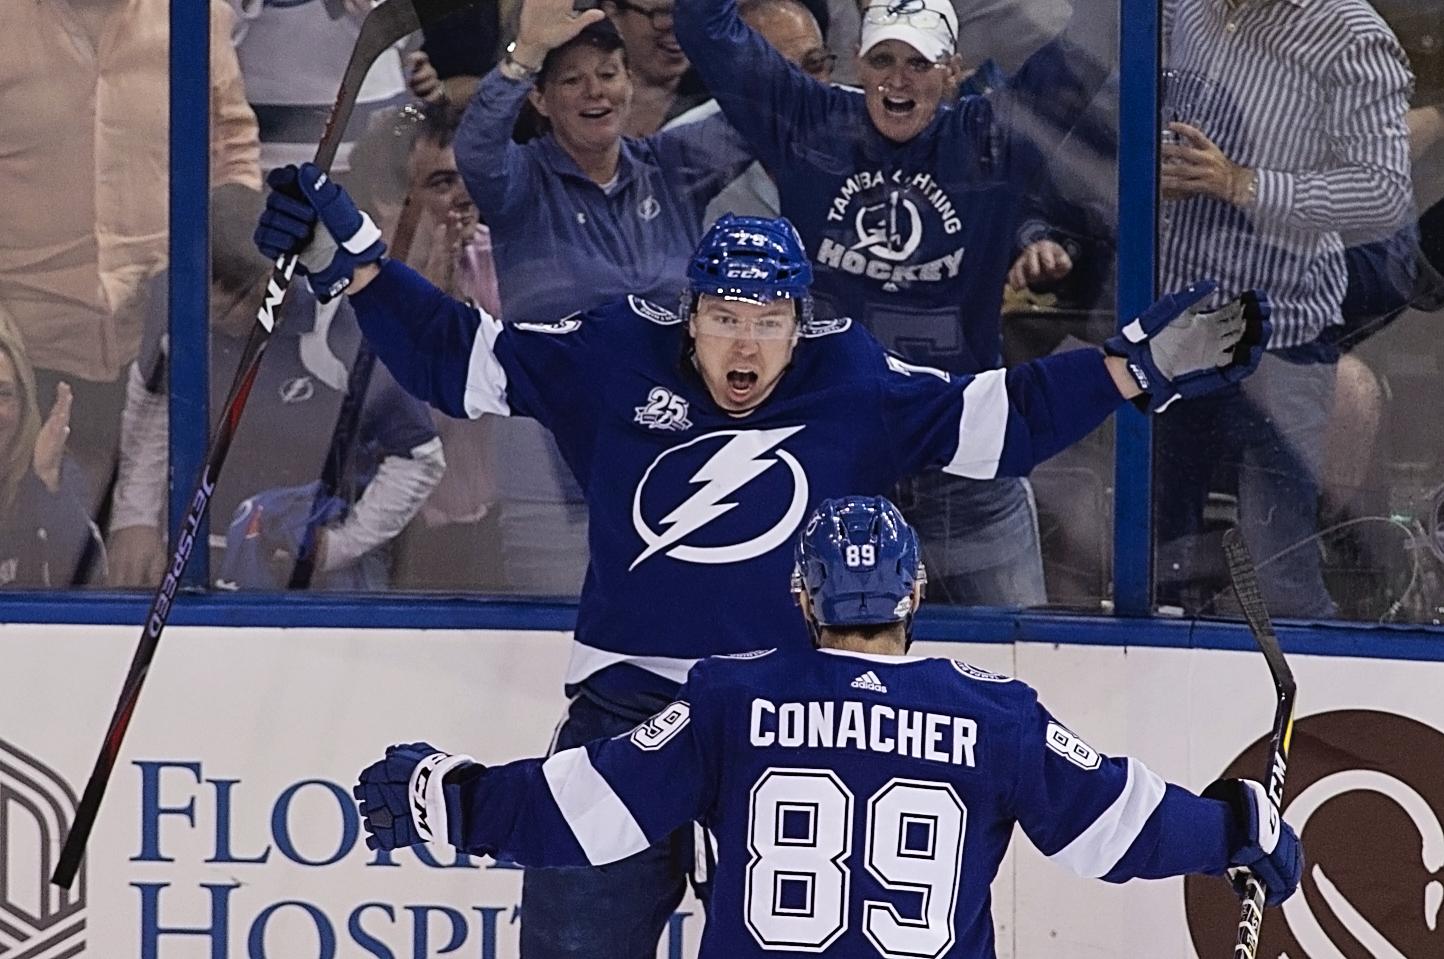 Erne scored a goal in the Lightning's win./CARMEN MANDATO